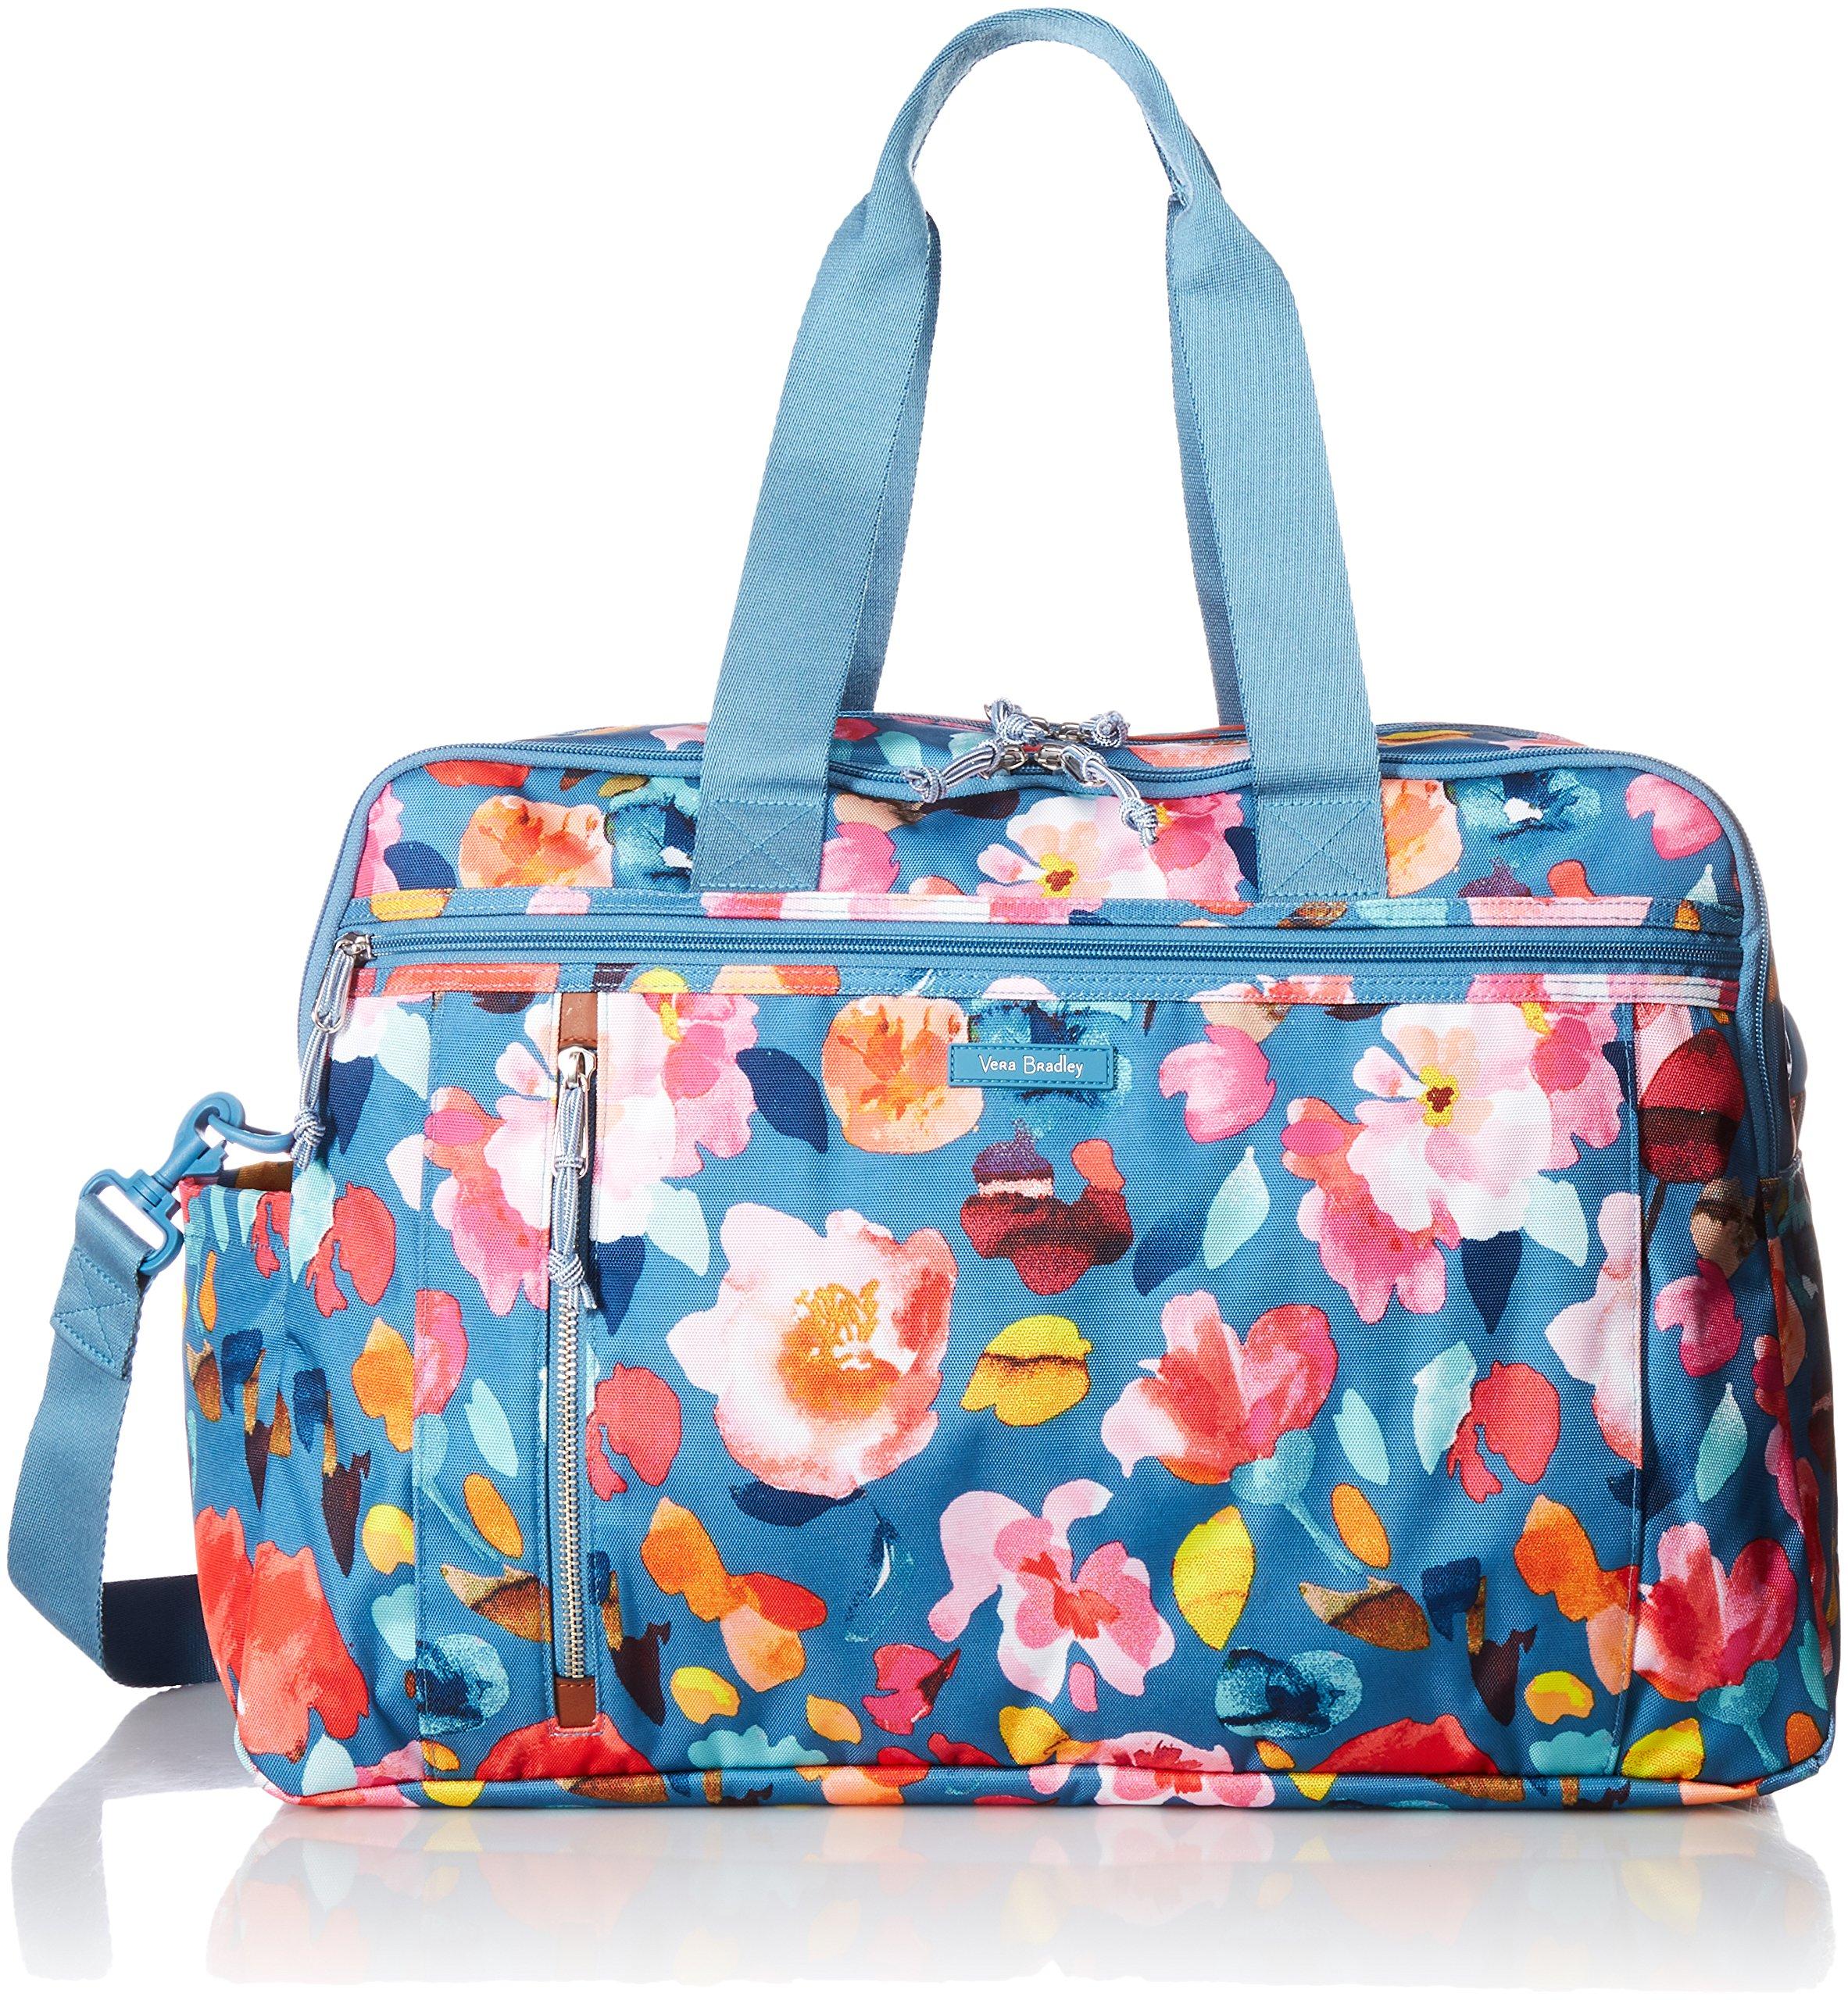 Vera Bradley Lighten up Weekender Travel Bag, Polyester, Scattered Superbloom,One size